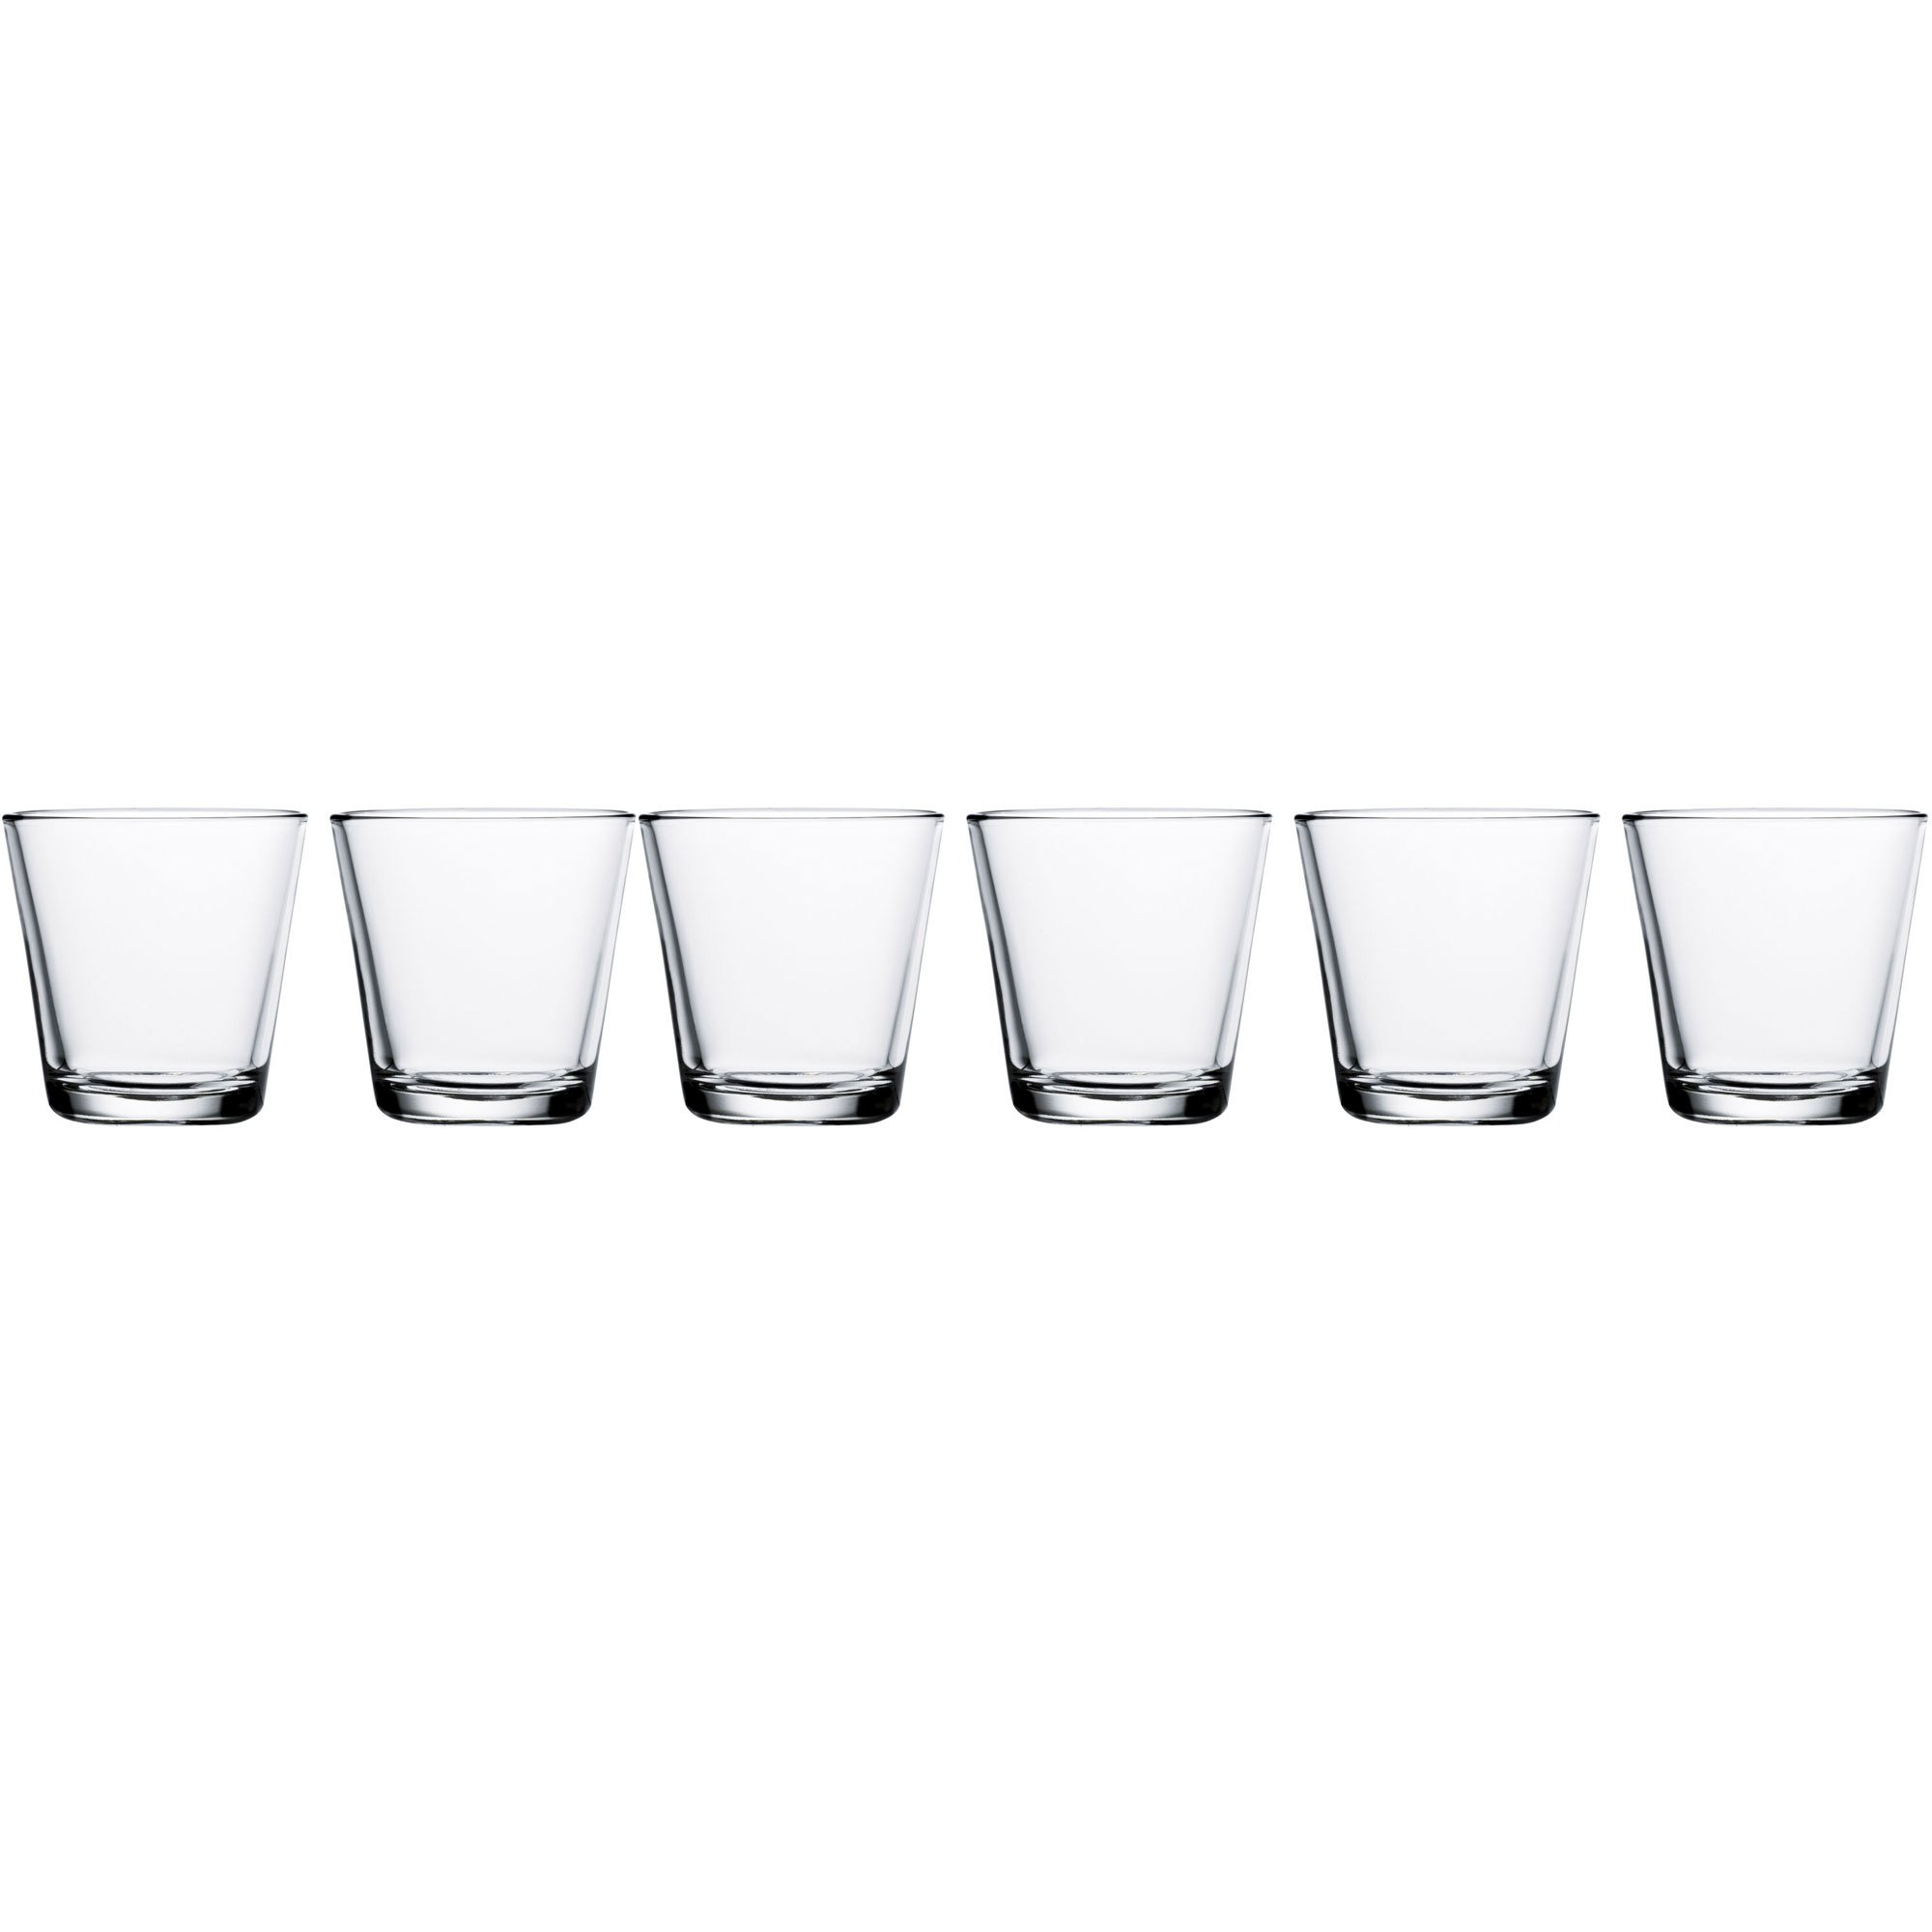 Iittala Kartio Drickglas 21 cl. 6 st. genomskinliga